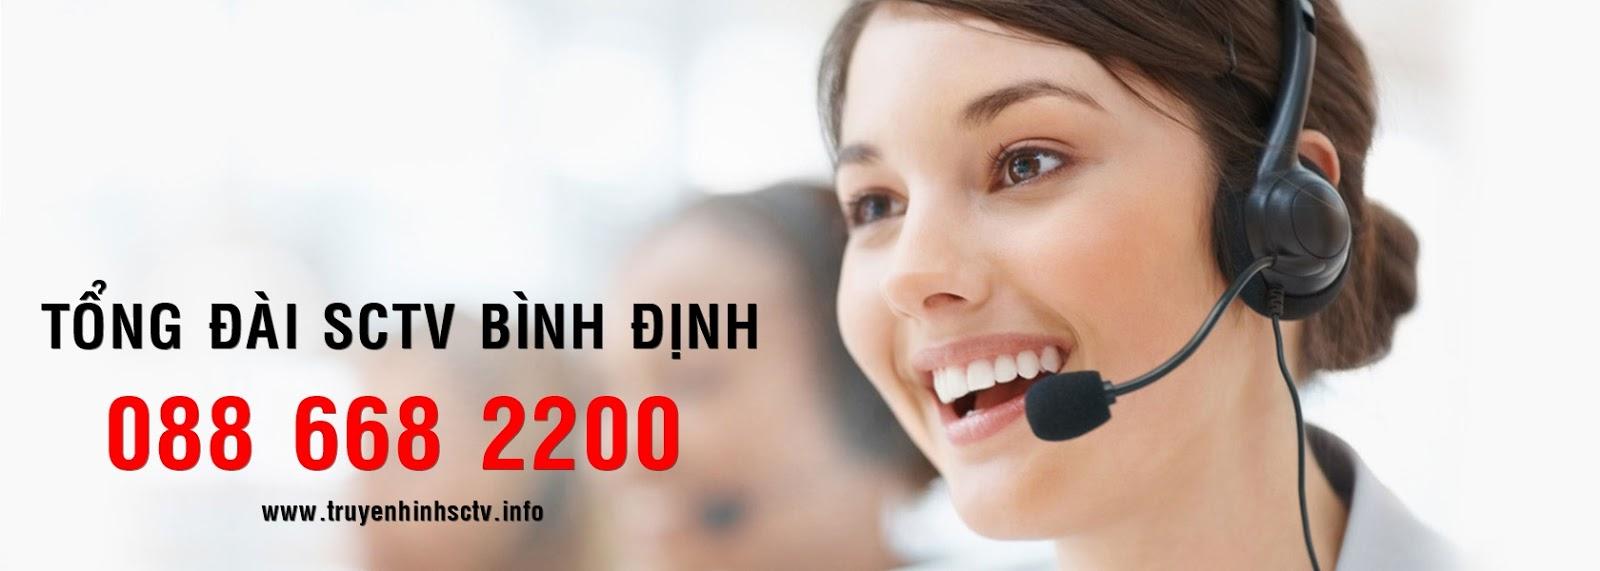 Tổng đài SCTV Bình Định: 0886682200